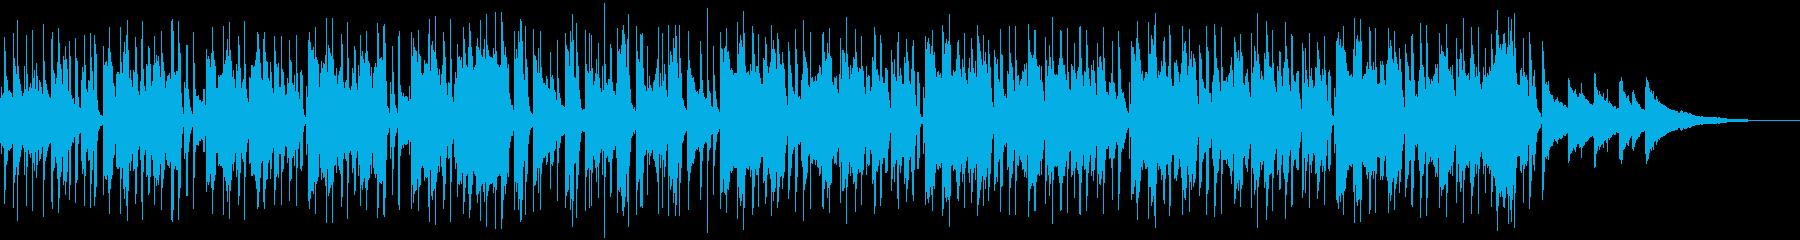 落ち着いたジャズ風エンディングテーマの再生済みの波形